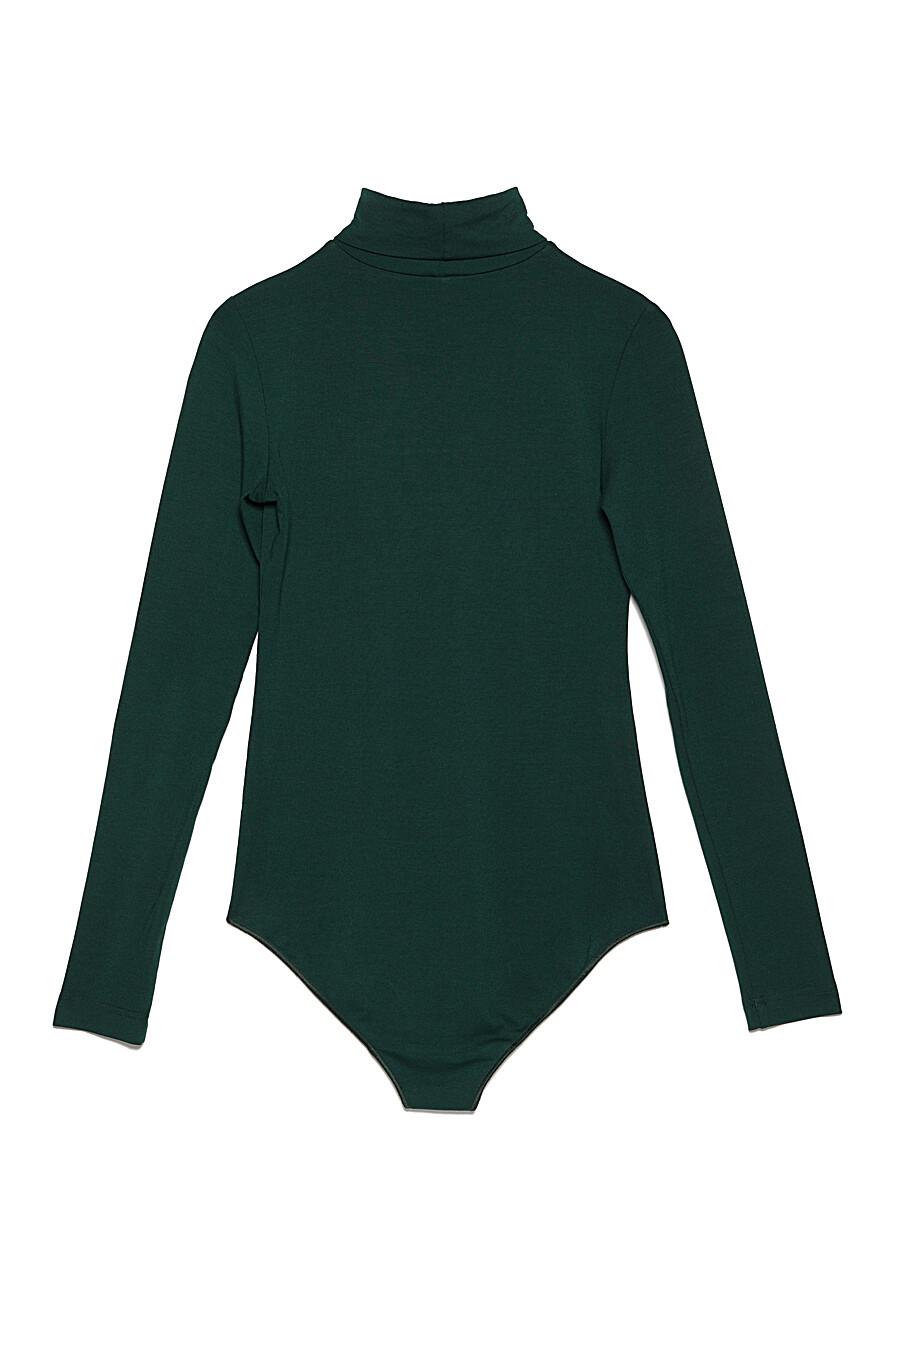 Боди для женщин CONTE ELEGANT 148640 купить оптом от производителя. Совместная покупка женской одежды в OptMoyo